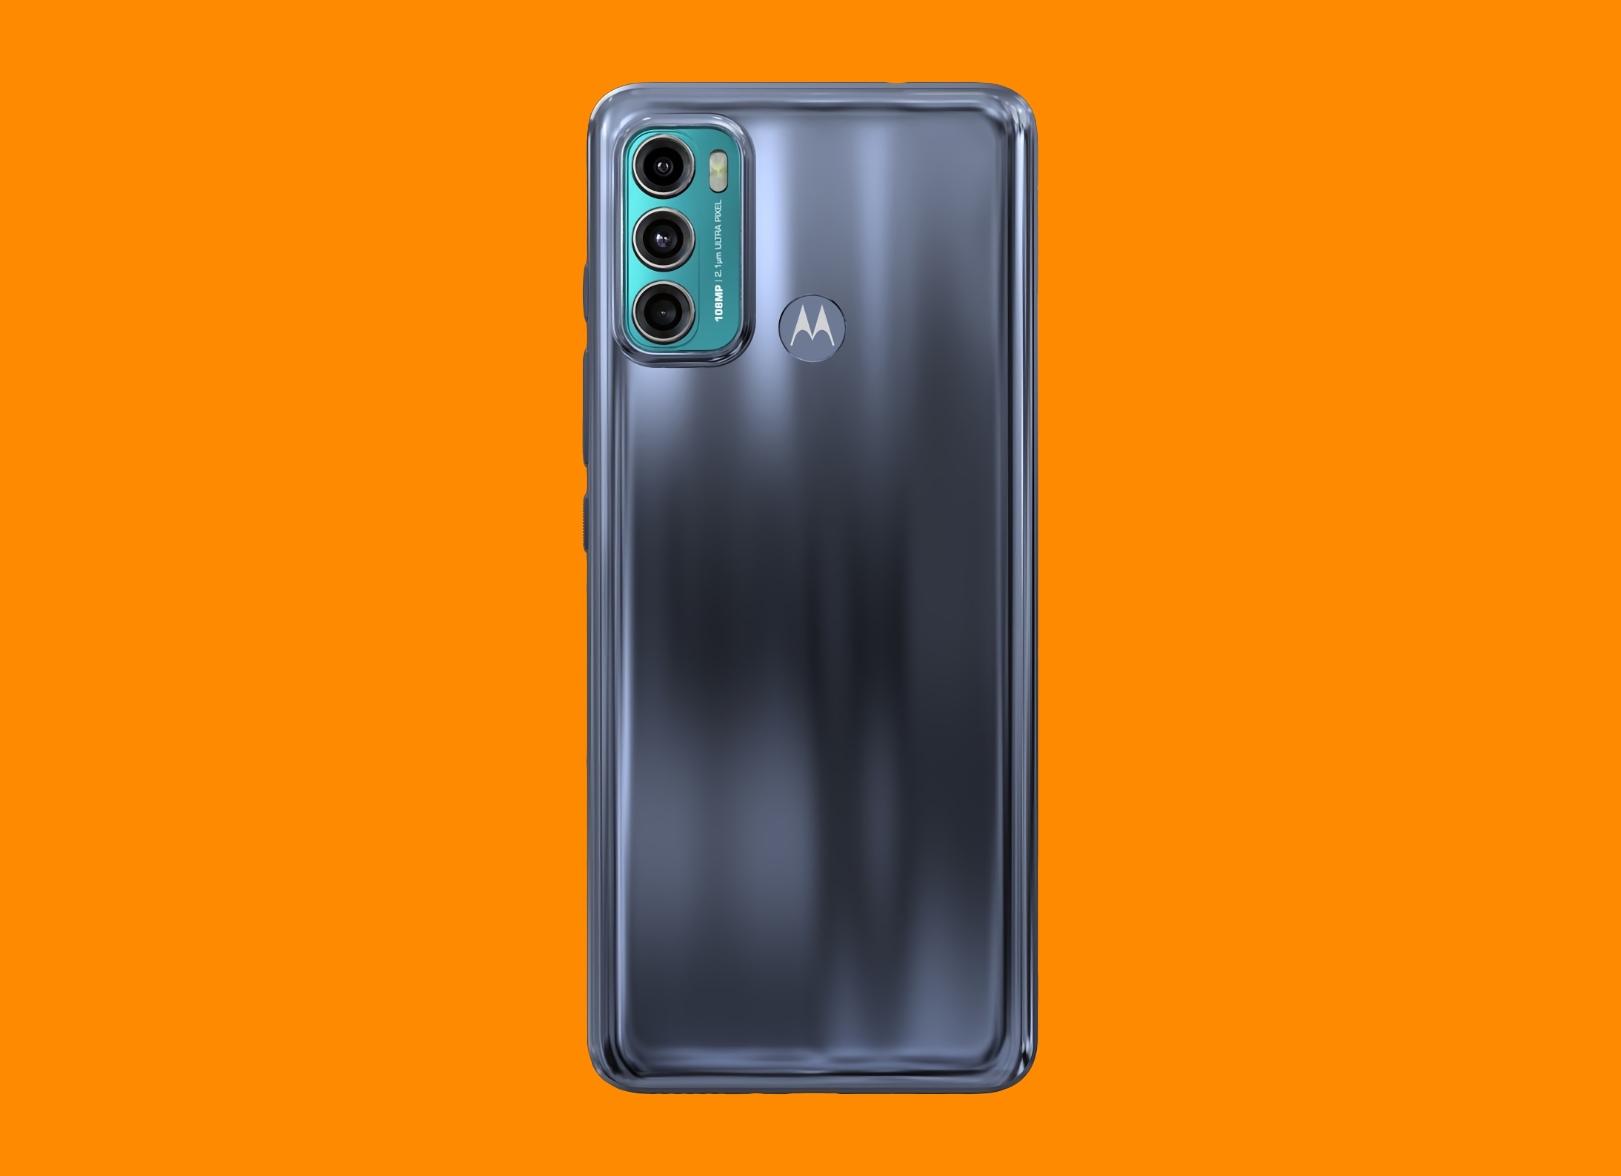 Смартфон Motorola с кодовым названием Kyoto выйдет на рынок, как Edge 20 Lite